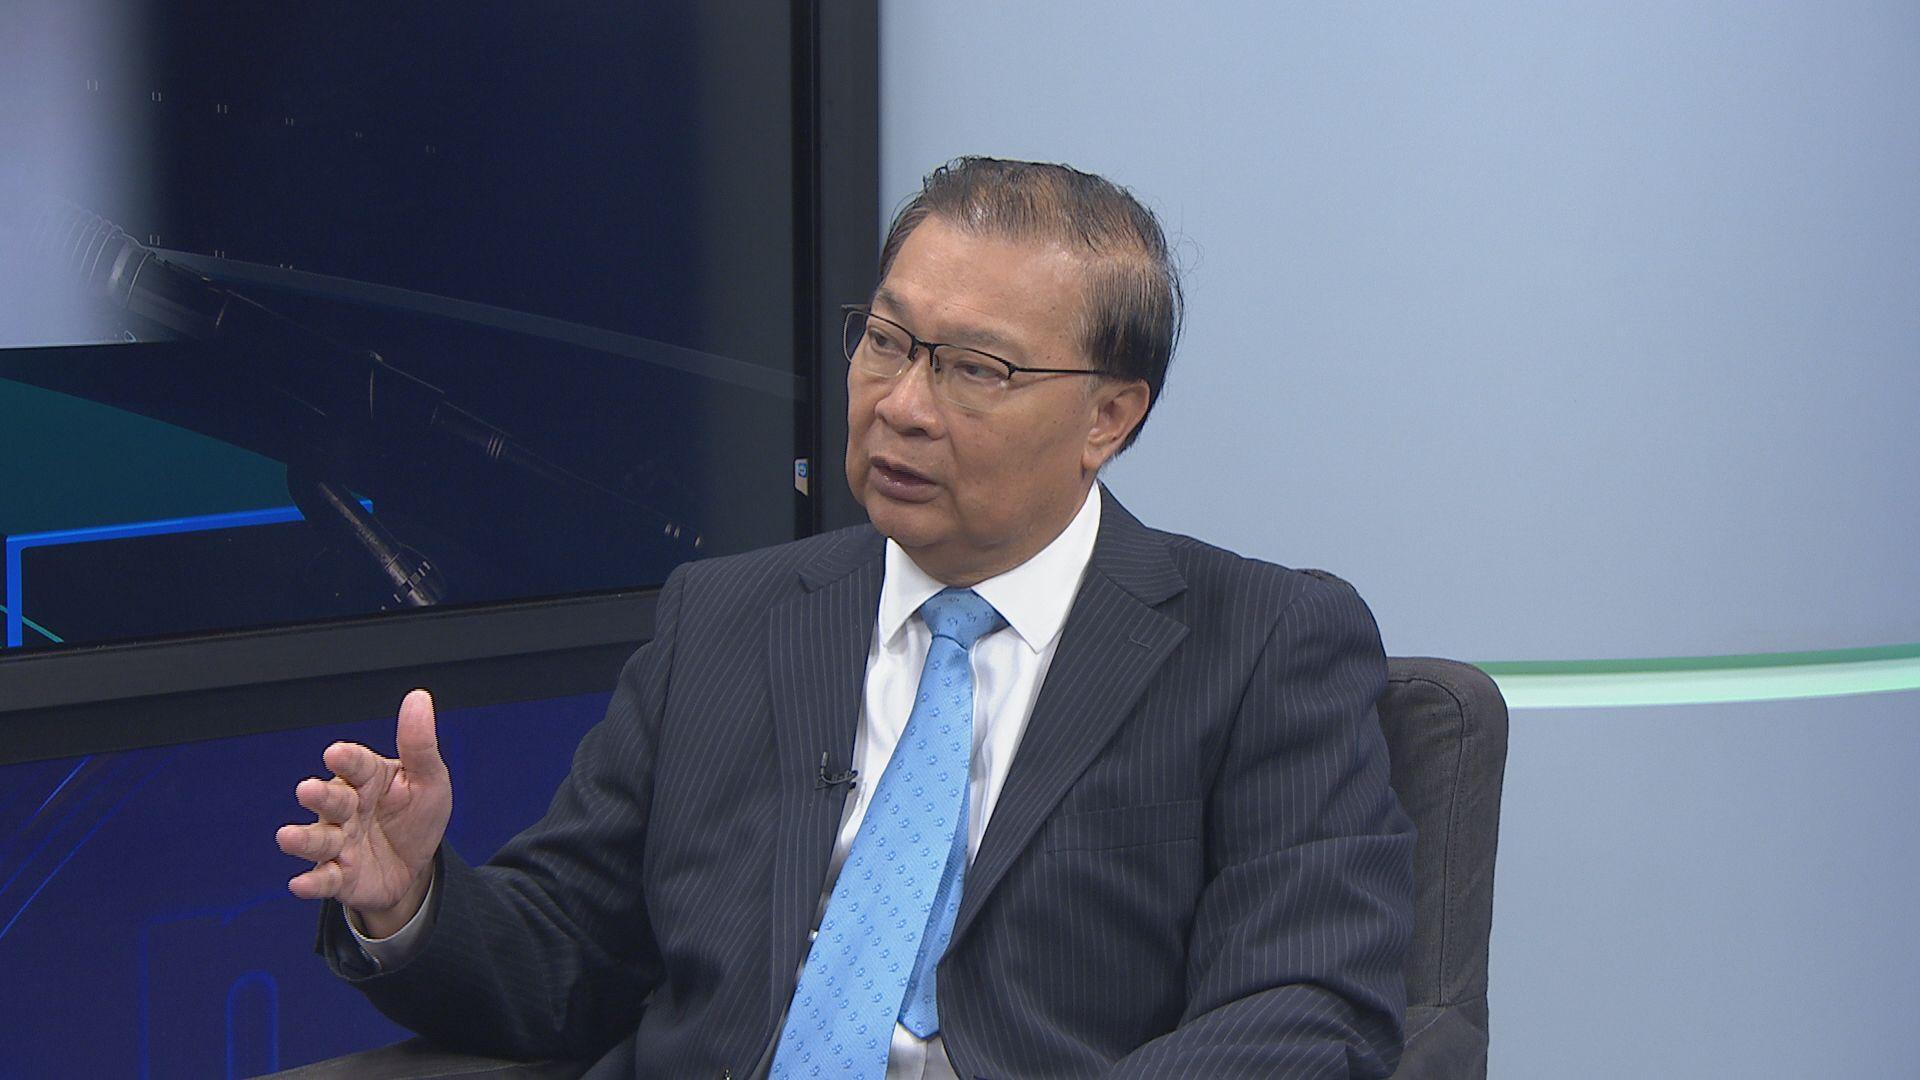 譚耀宗:爭取放寬內地港人稅務限制